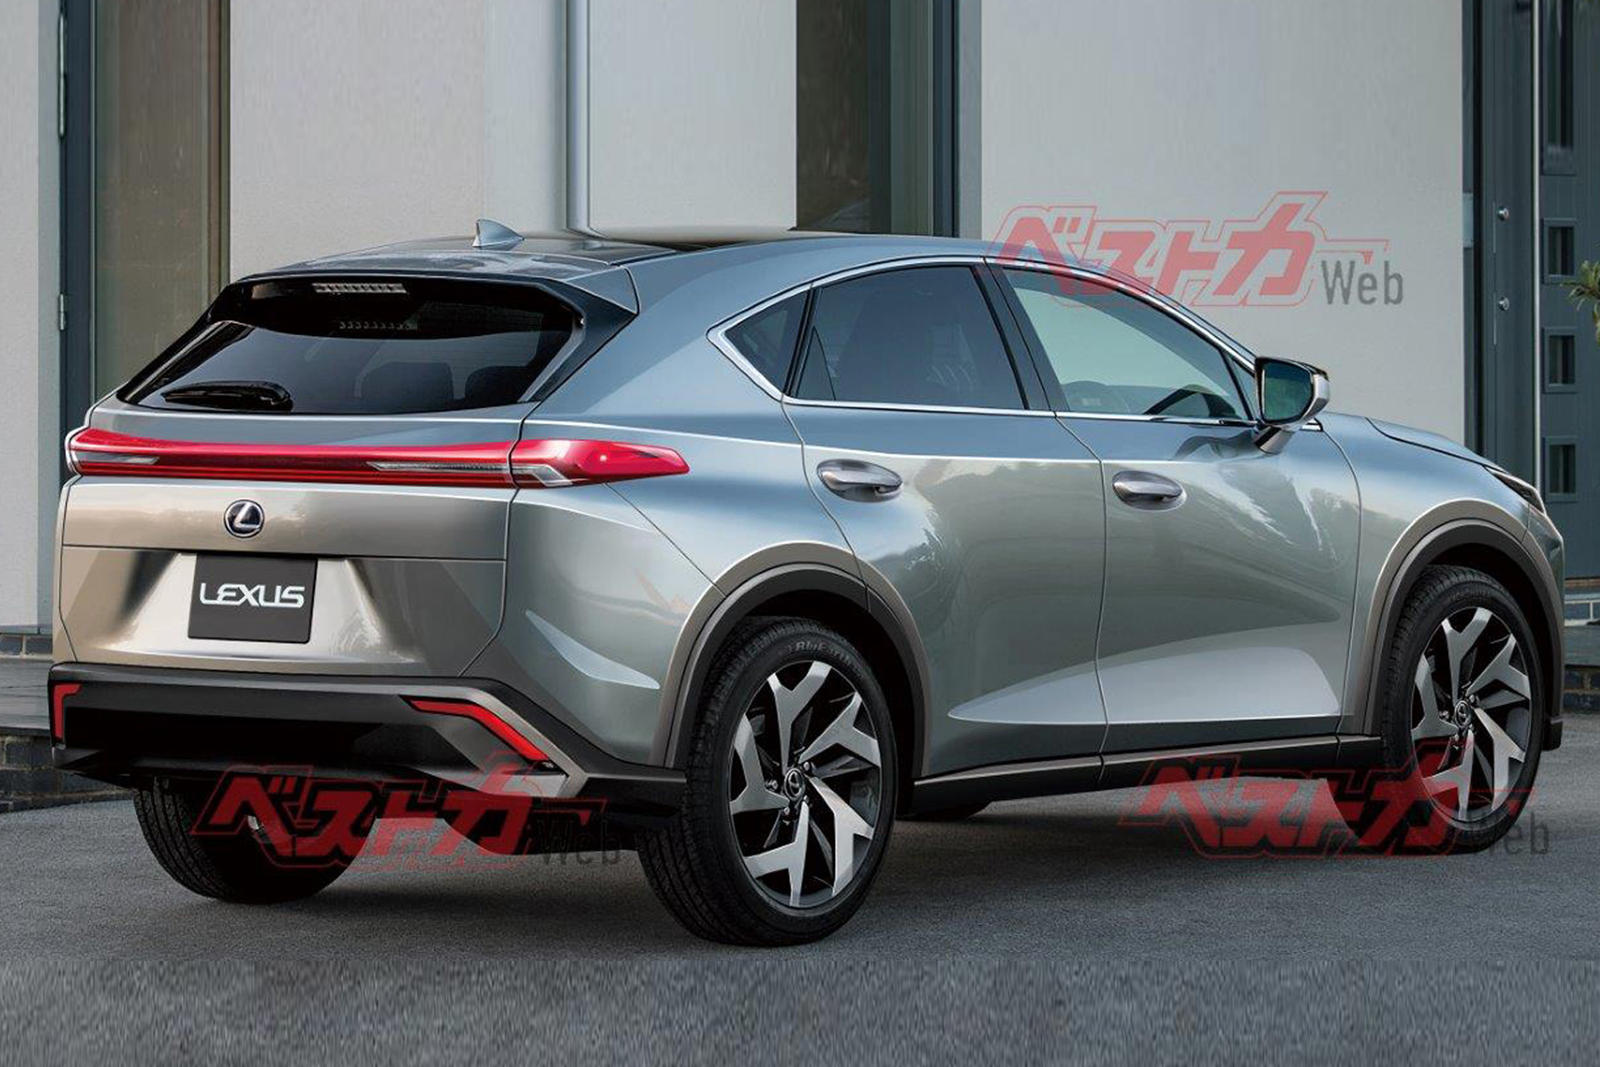 Hé lộ Lexus NX 2022: động cơ tăng áp,khung gầm và trang bị đều được nâng cấp